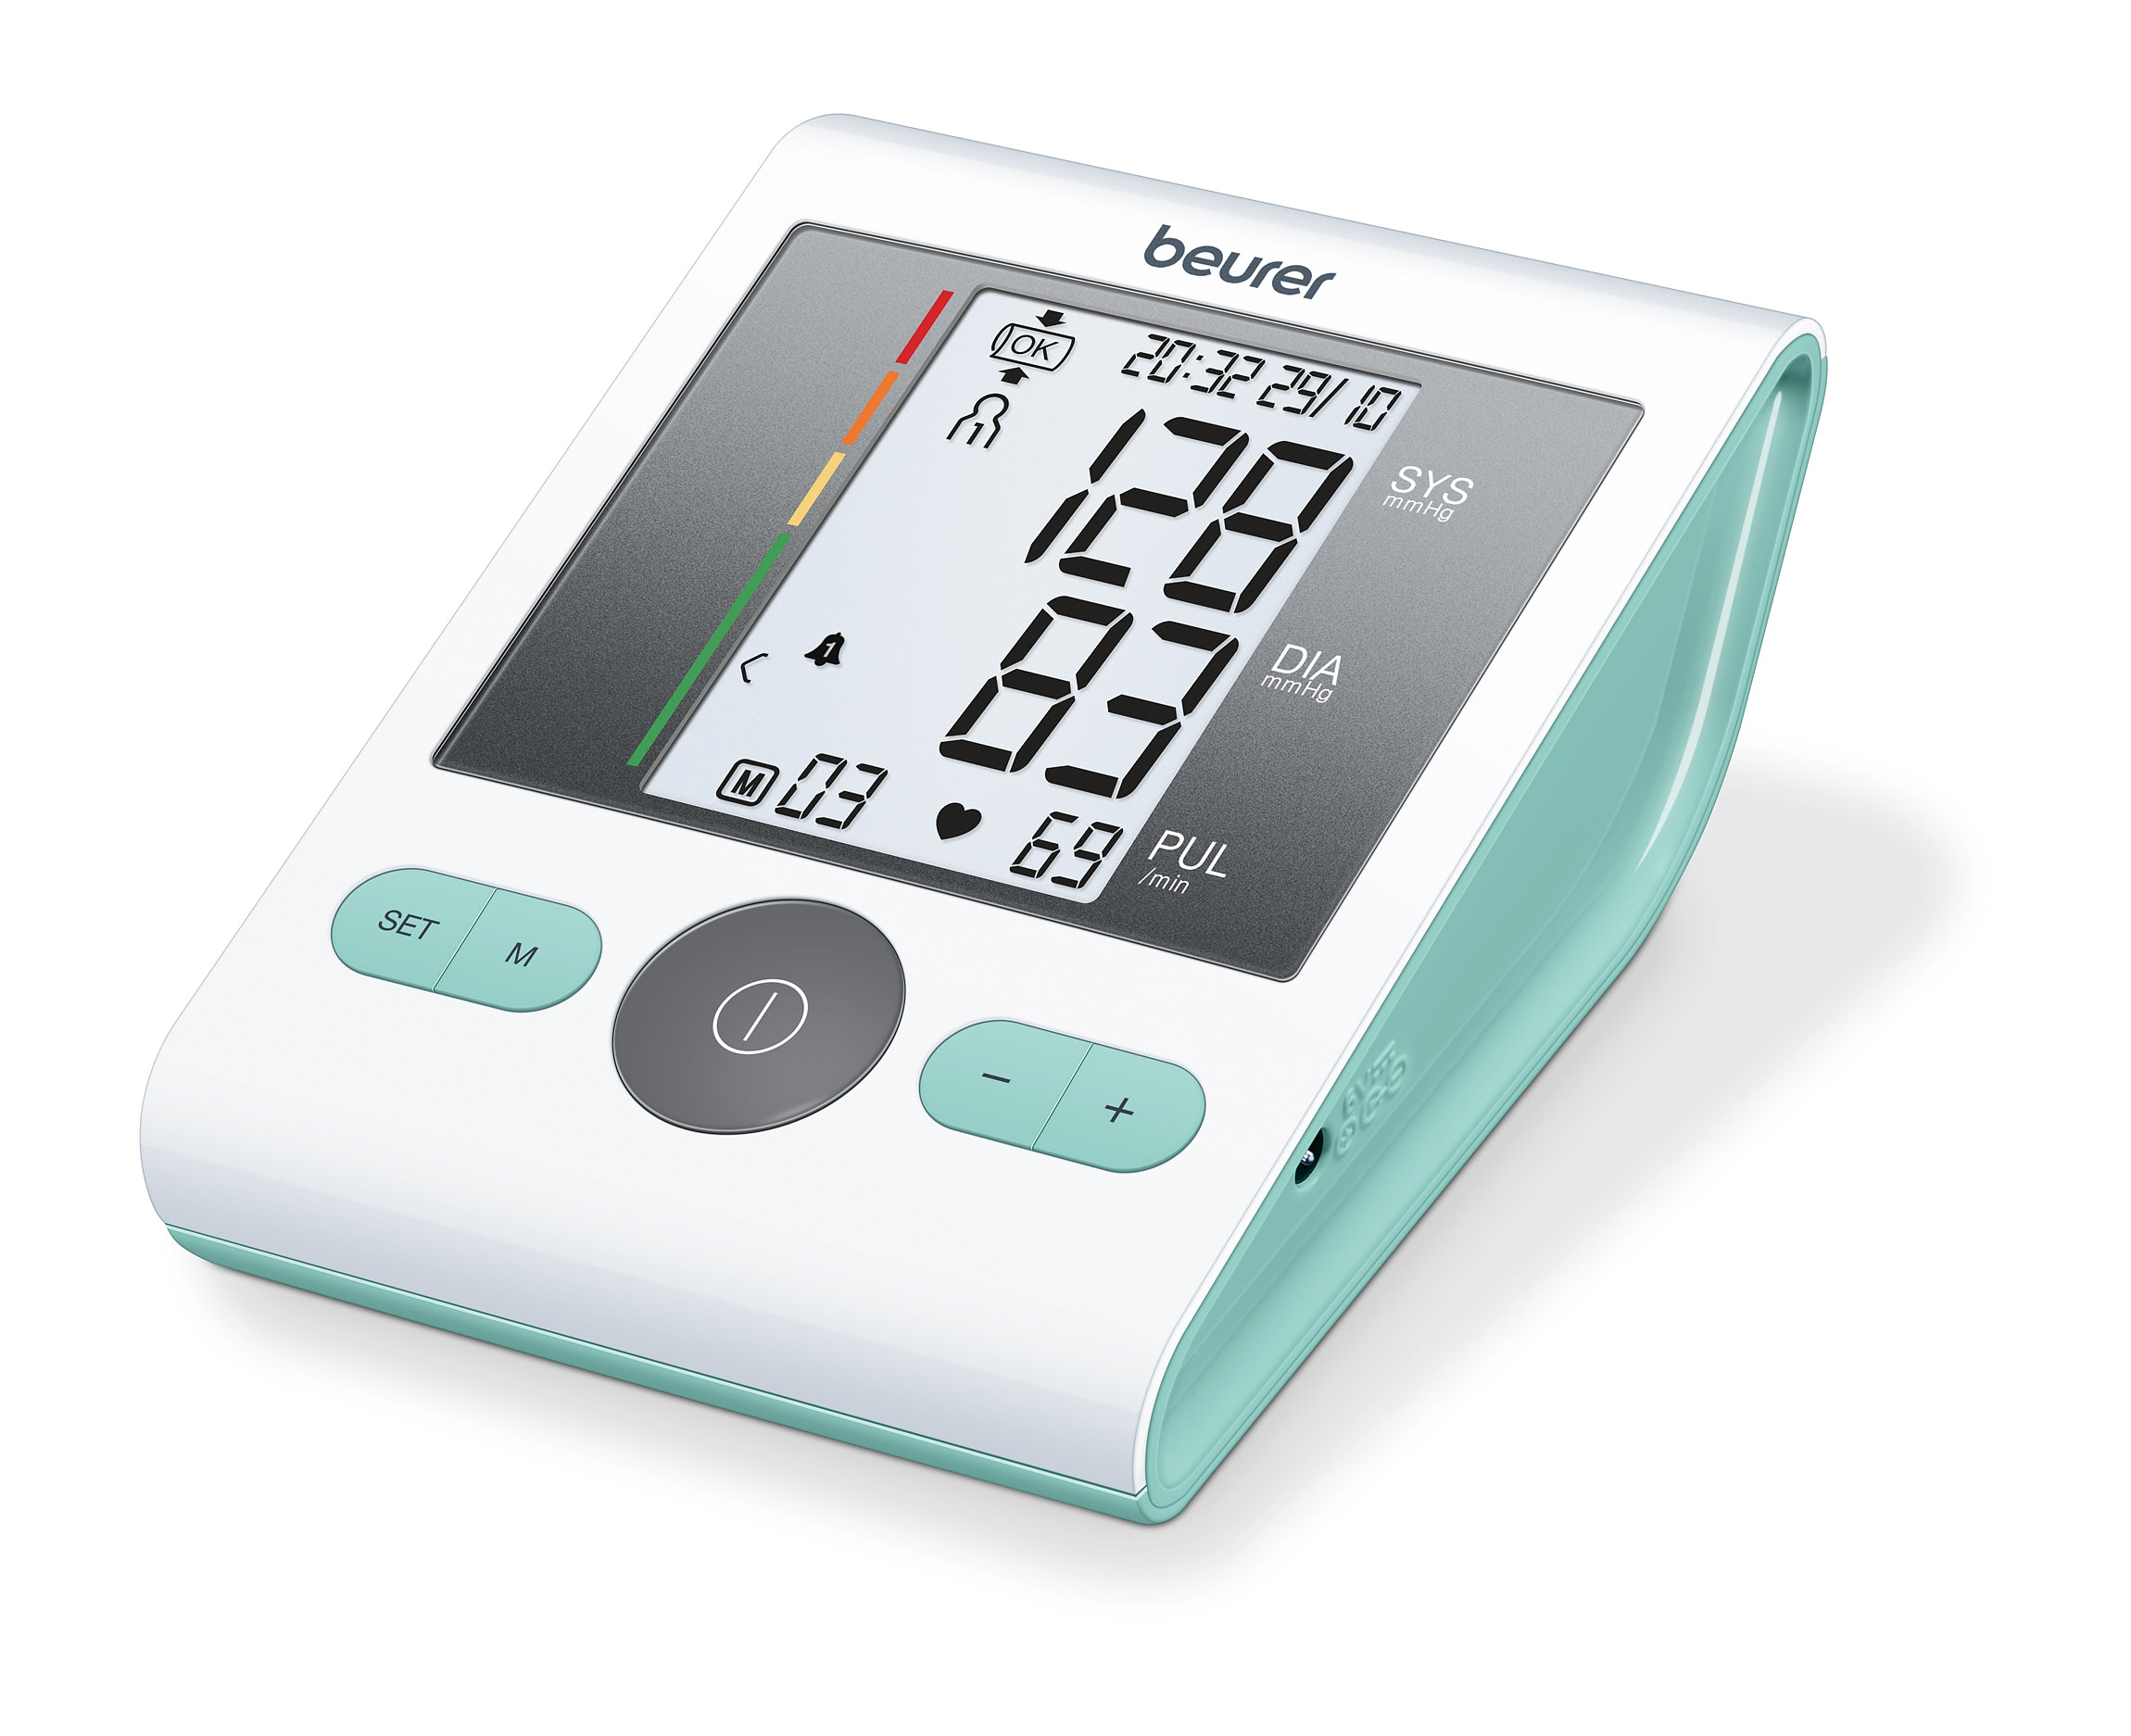 Beurer SRBM2 blodtryksmåler